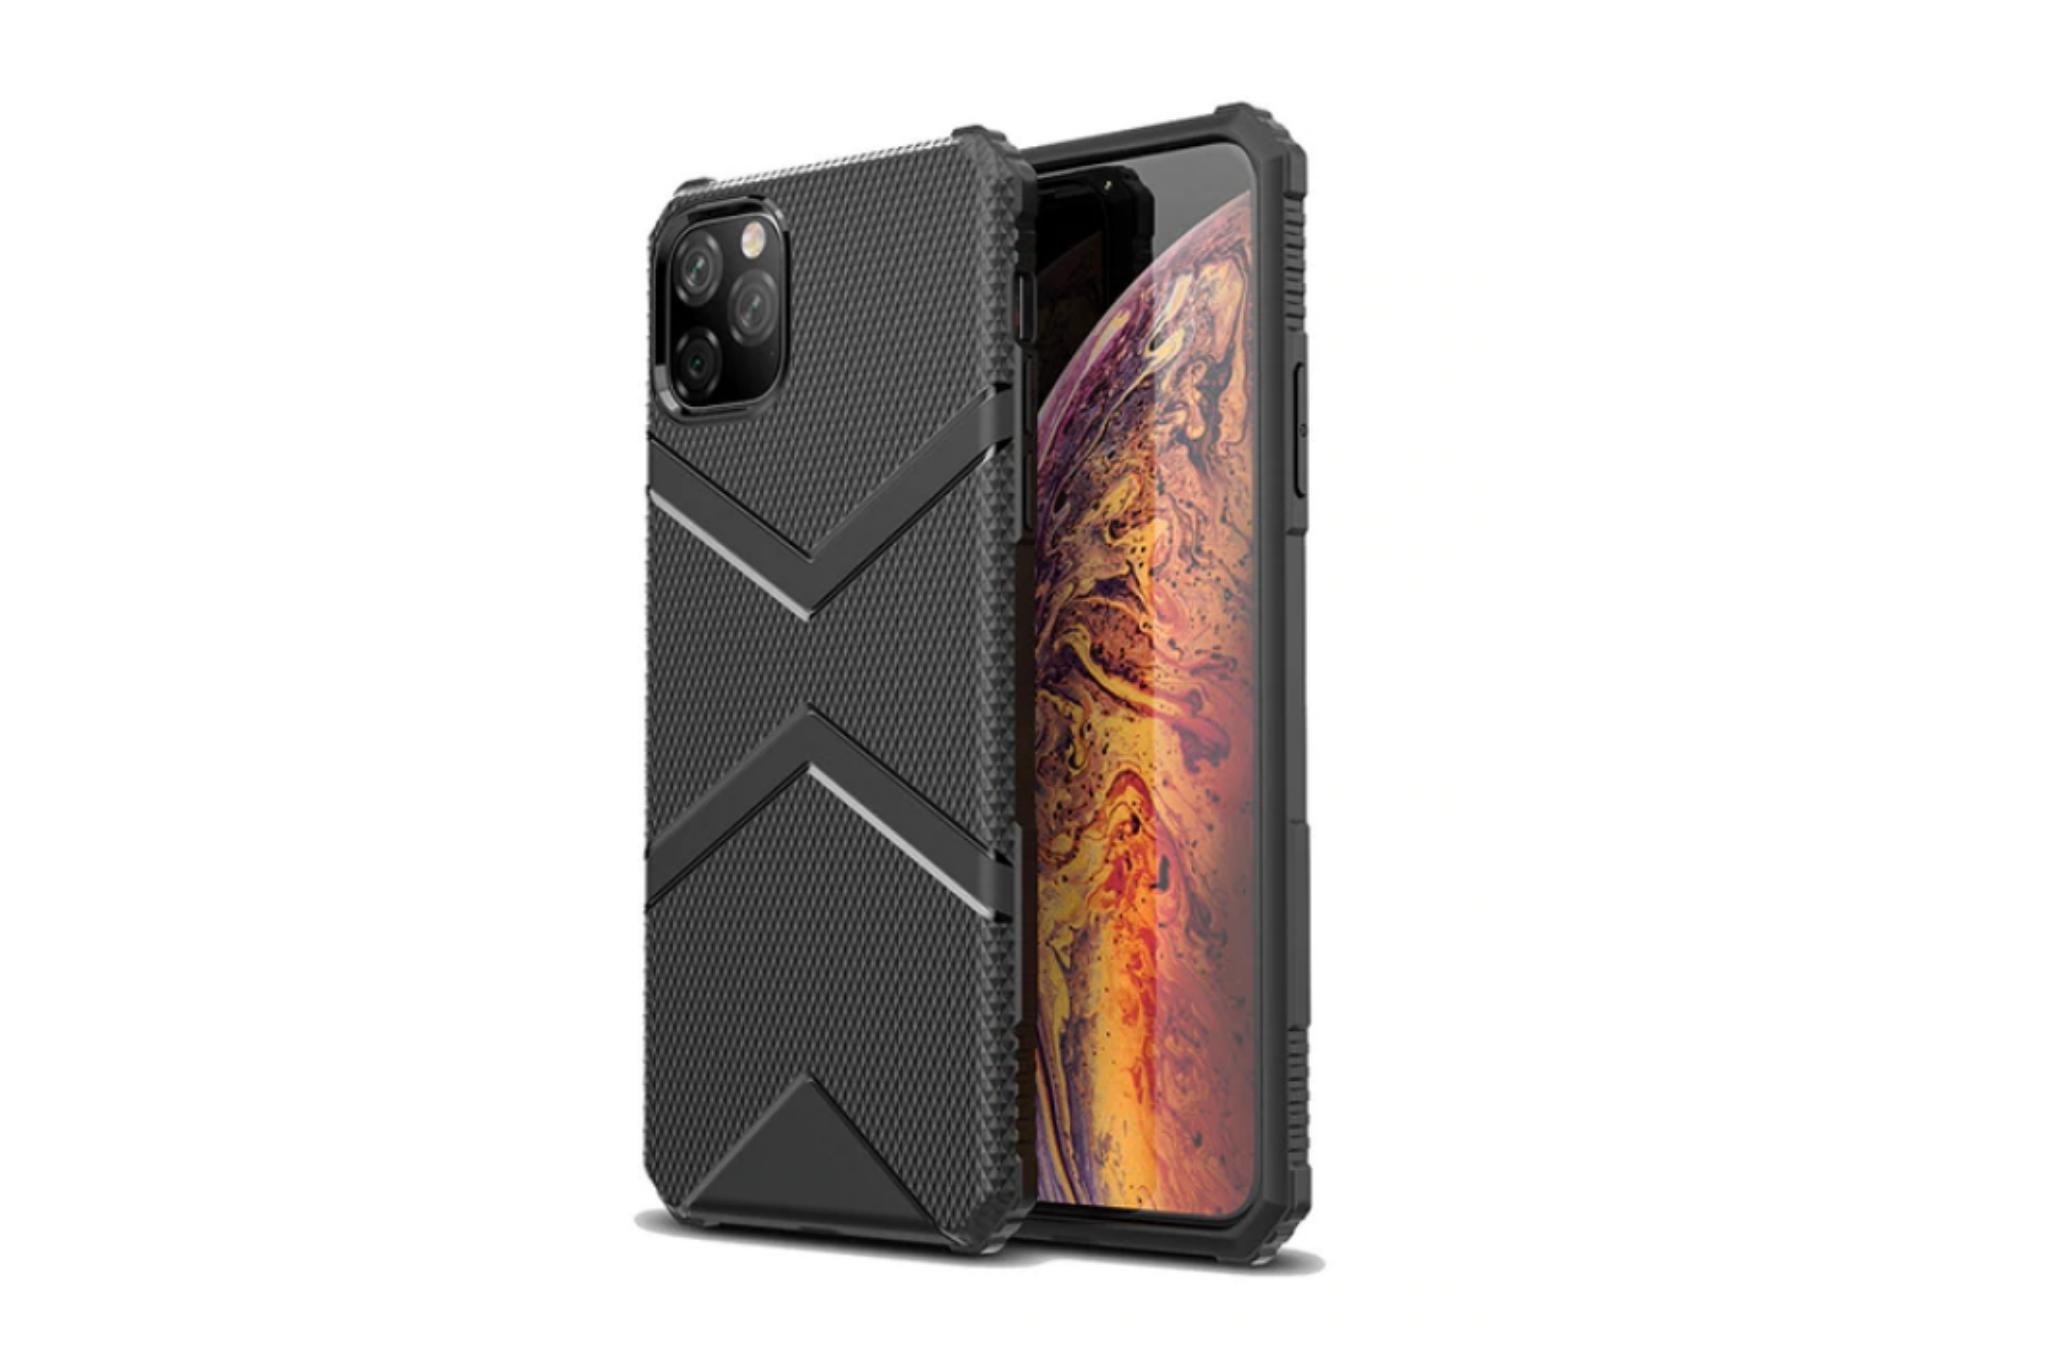 Smartphonehoesje iPhone 11 Pro Max | Shockproof